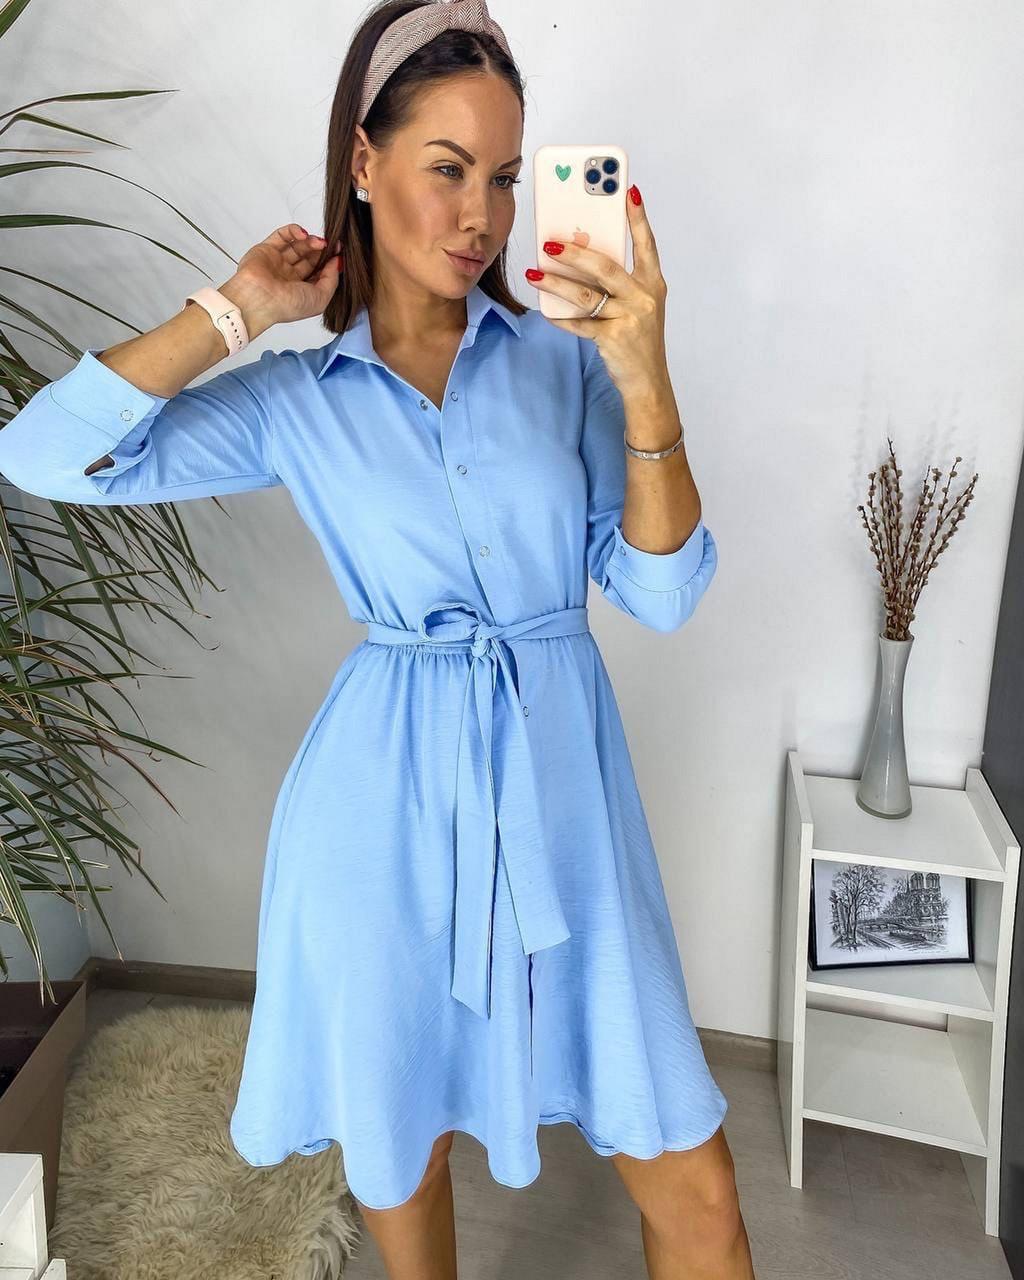 Легкое воздушное платье с поясом, рукав три четверти на кнопке, 00750 (Голубой), Размер 42 (S)